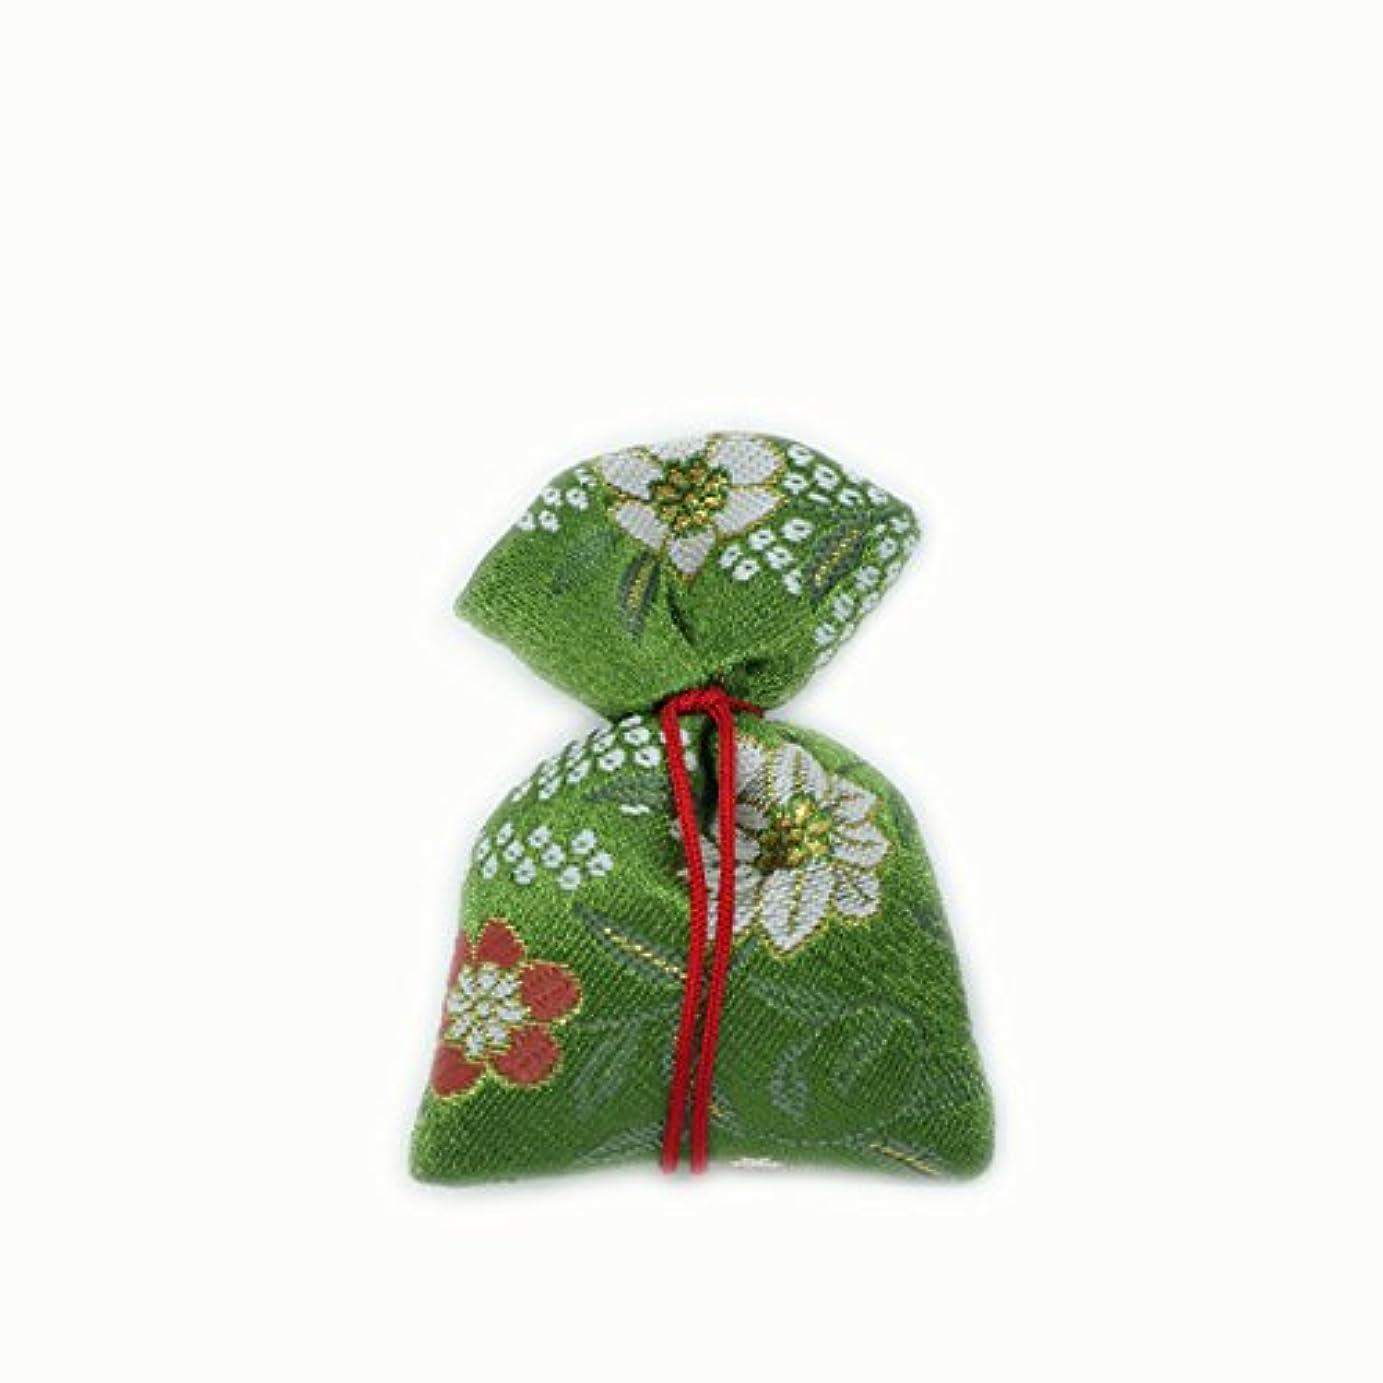 容量祈り予想する匂袋 巾着 金襴中 緑系